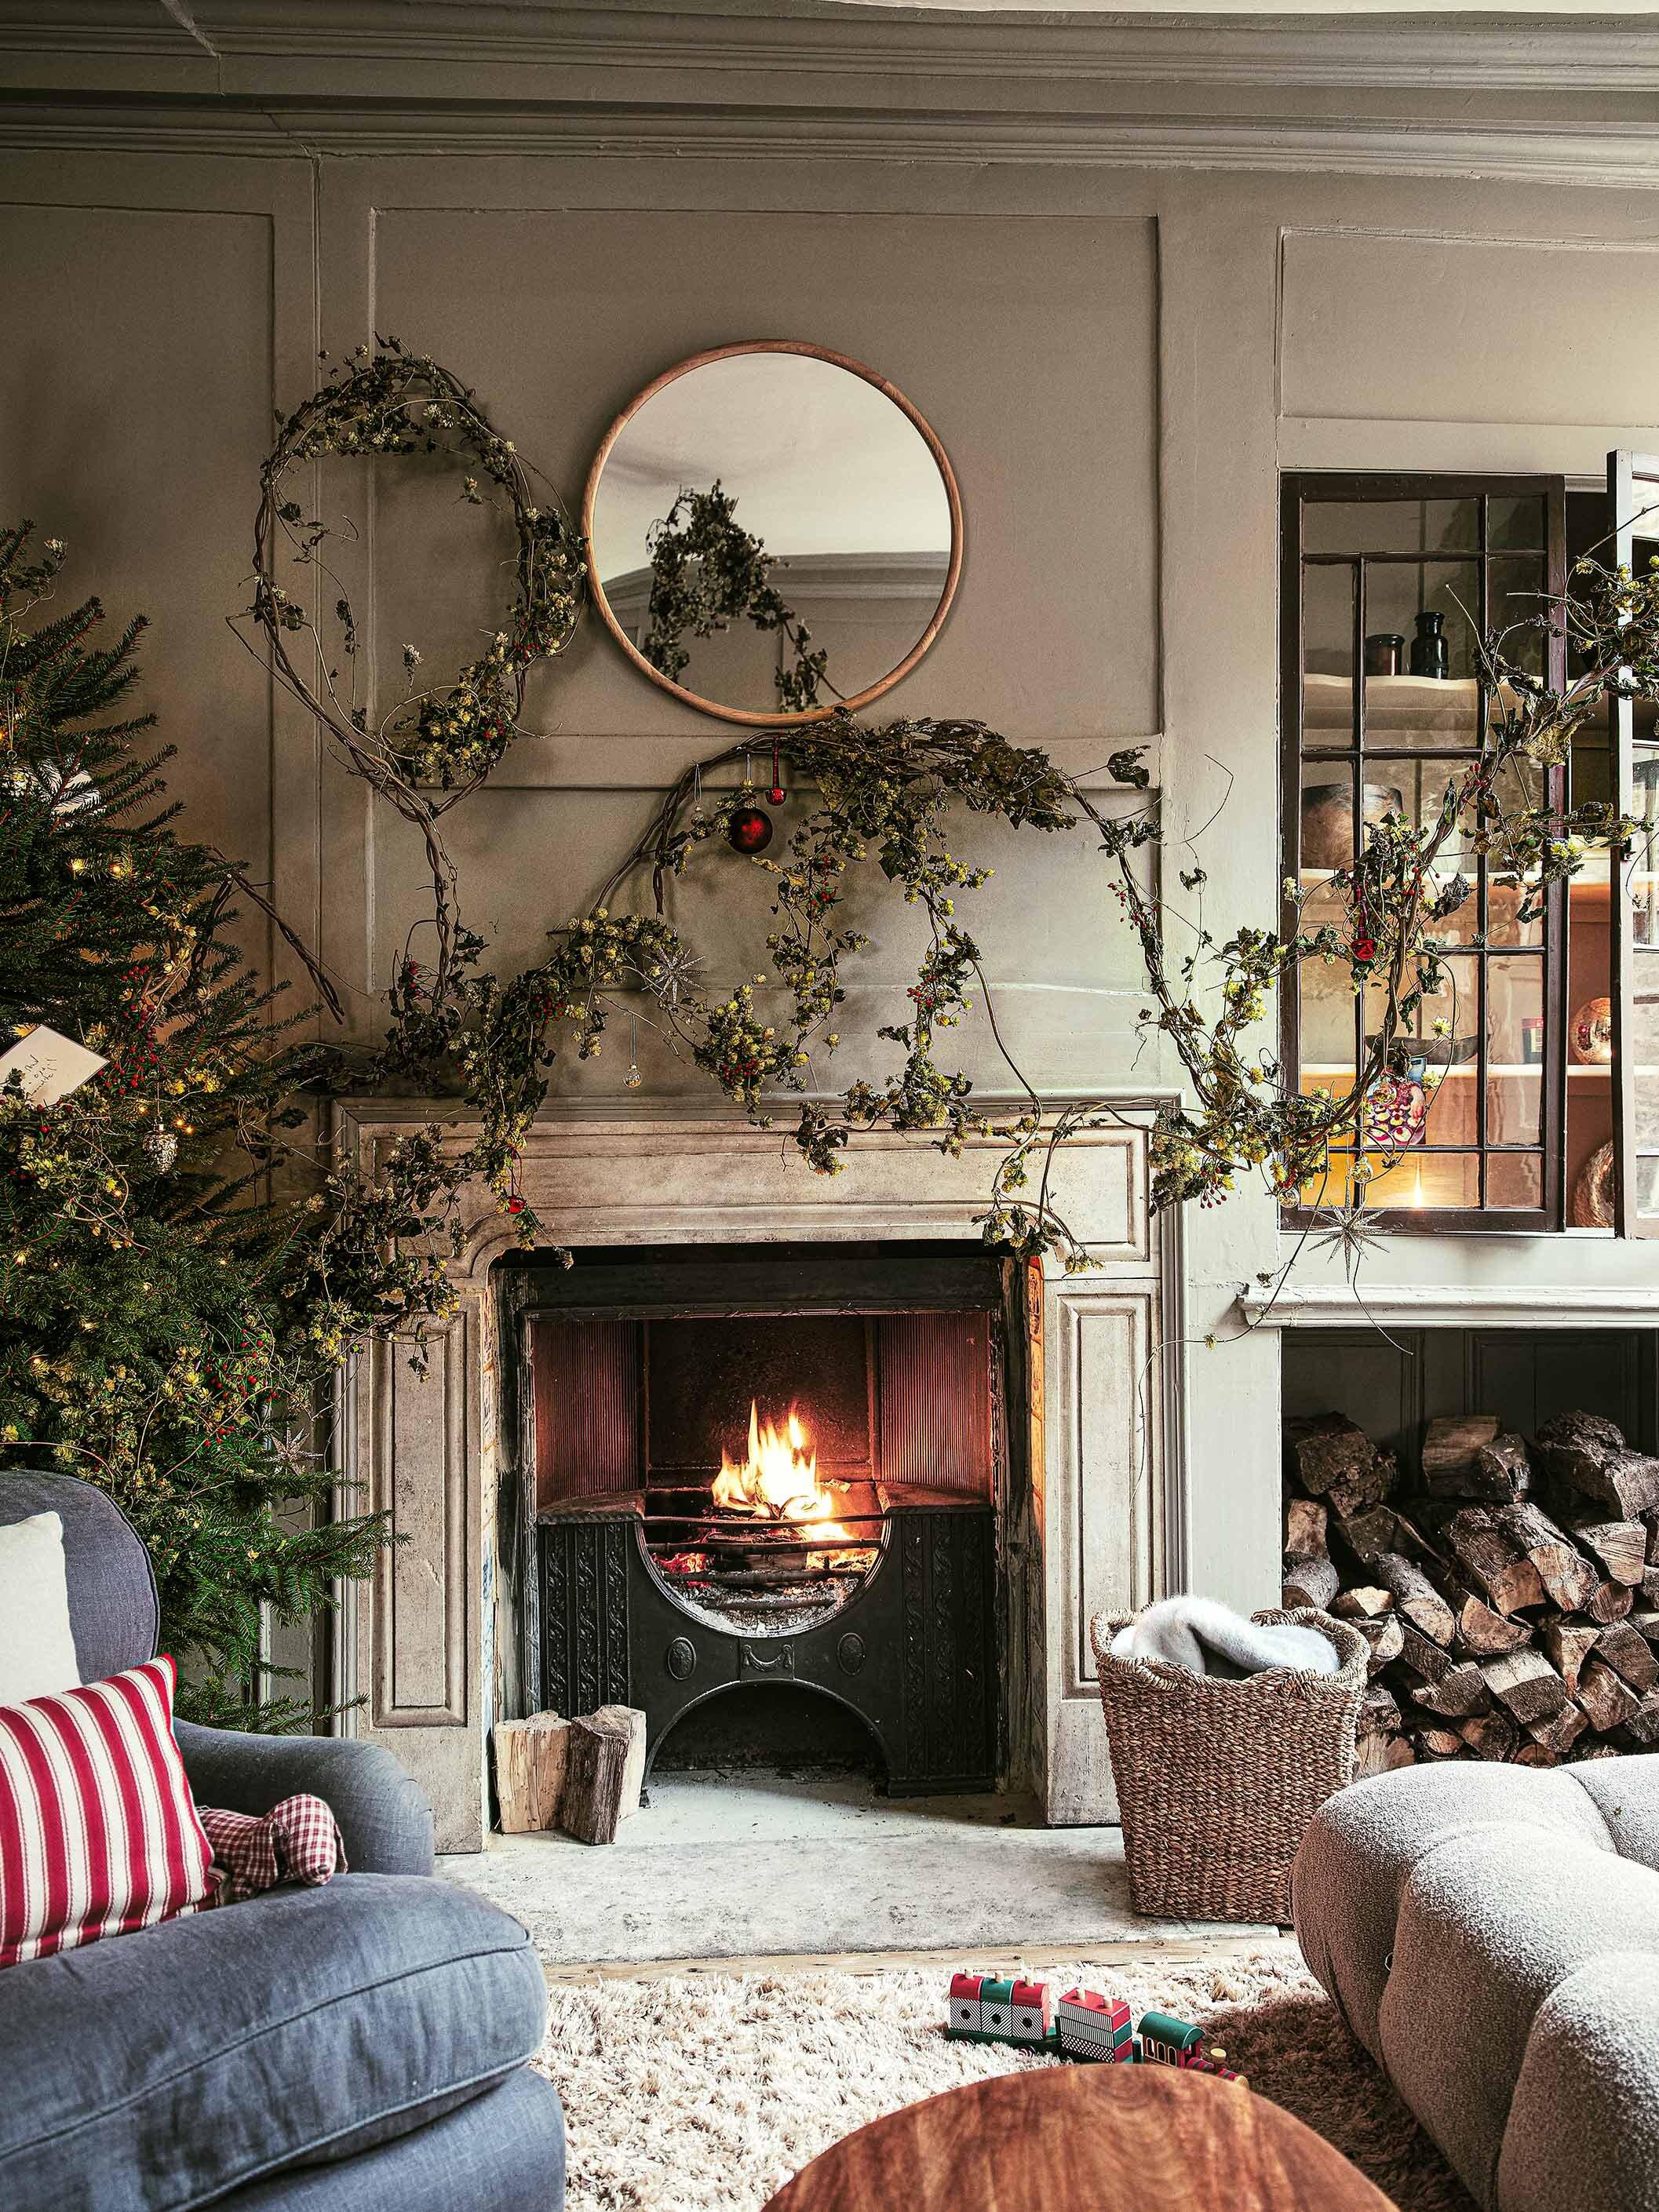 Zara Christmas Returns 2020 Zara Home Christmas Collection 2019 — THE NORDROOM